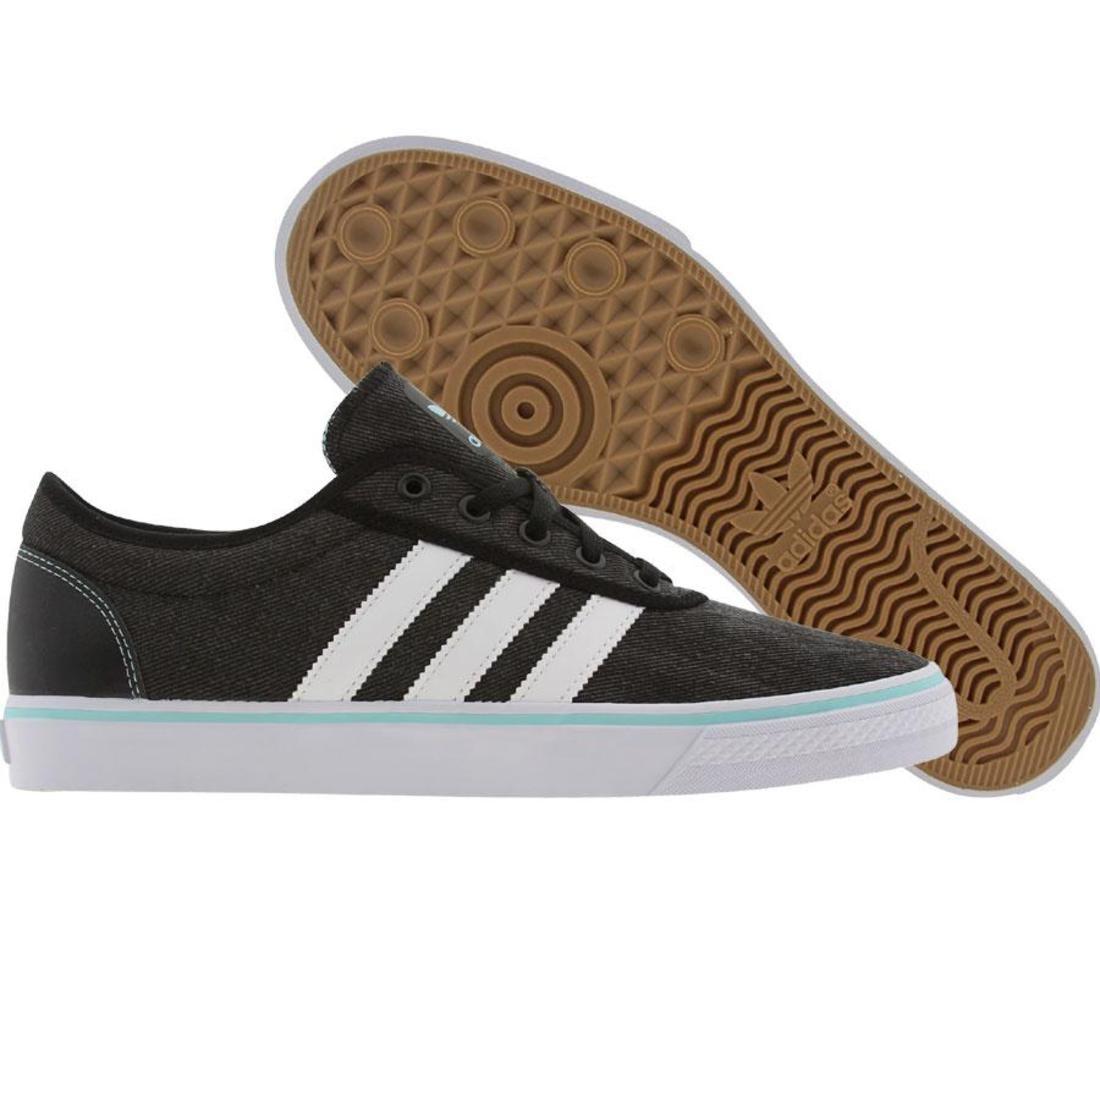 【海外限定】アディダス スケート スニーカー メンズ靴 【 ADIDAS SKATE ADI EASE BLACK RUNNINWHITE OCEAN 】